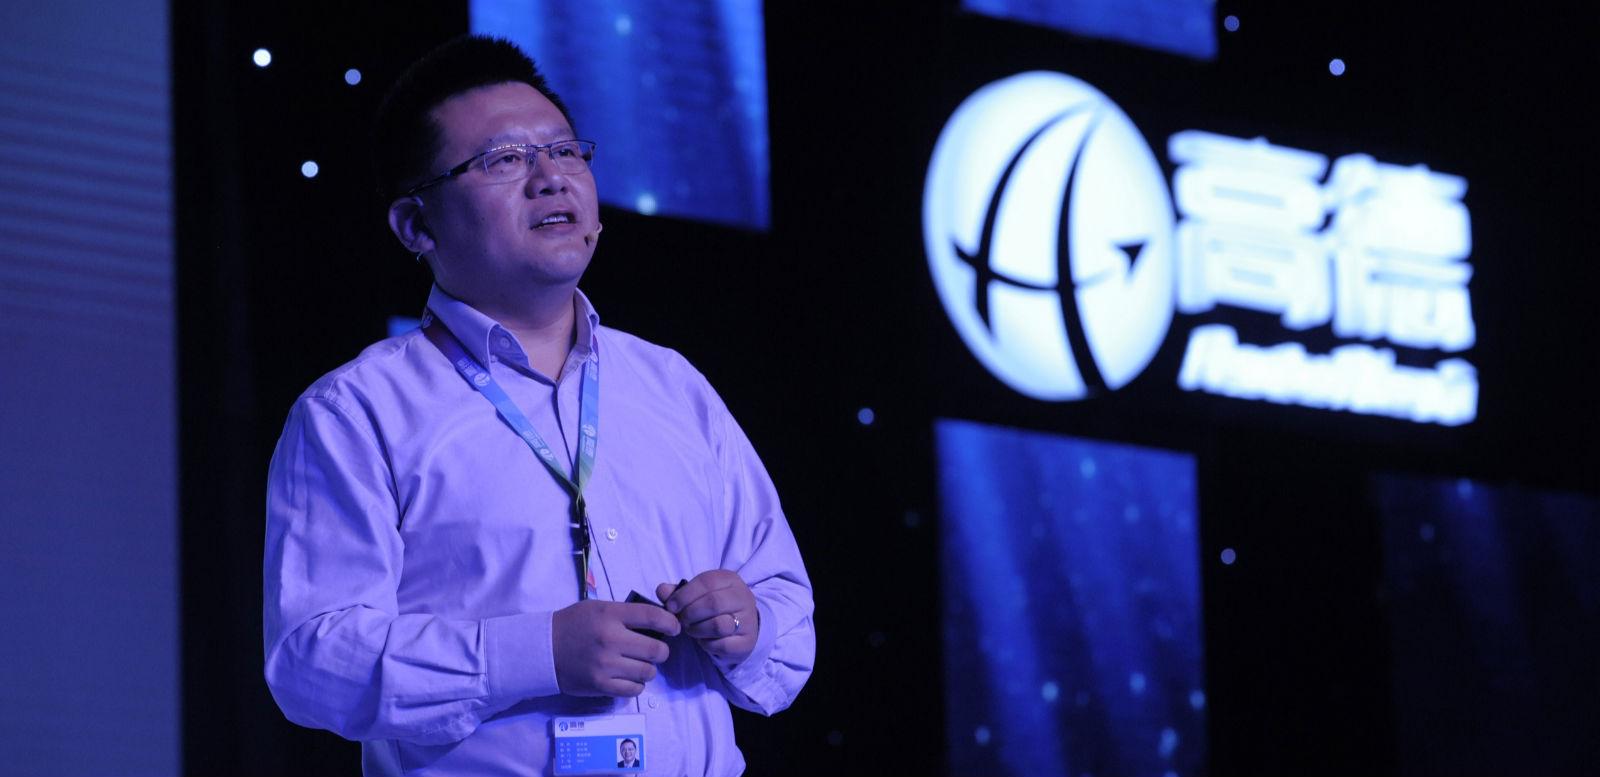 高德召开新战略发布会 俞永福阐述转型思路